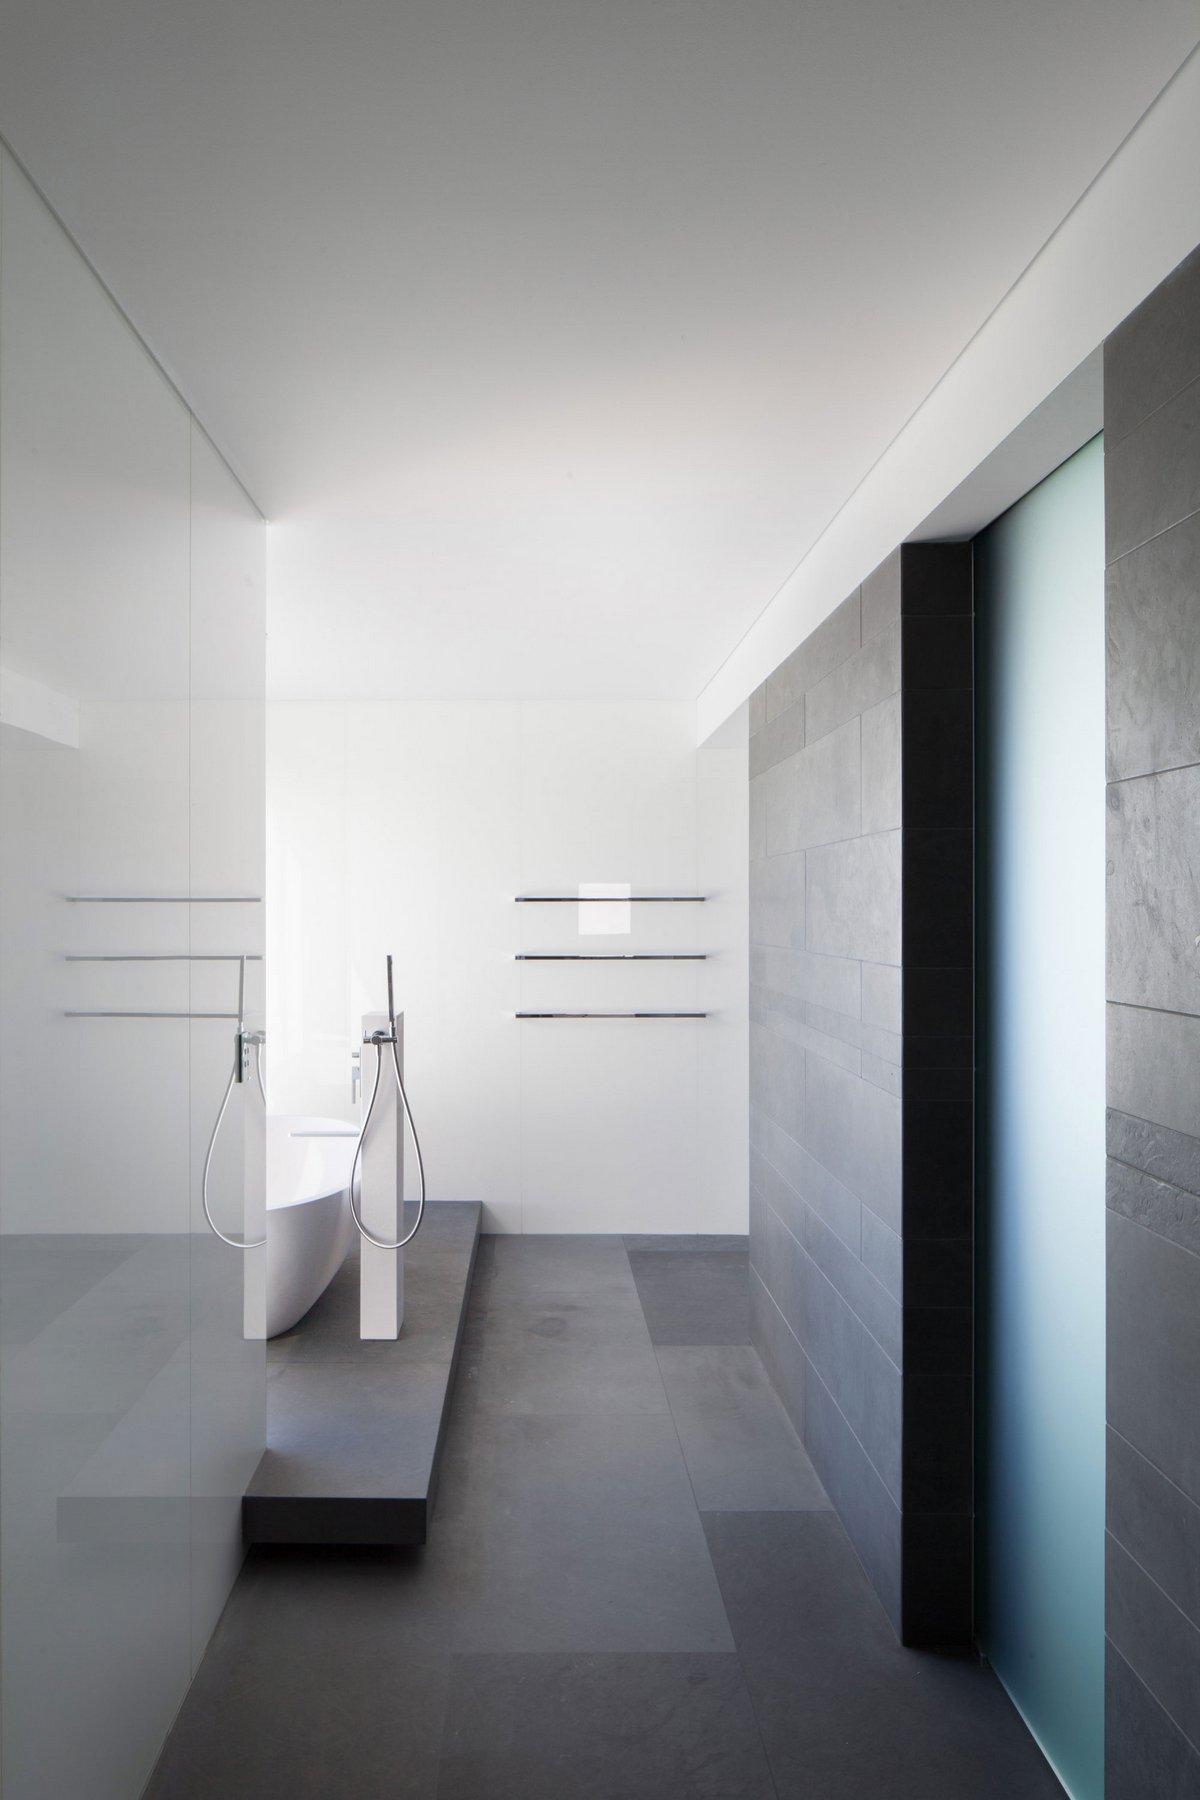 Пляжный дом, Hillam Architects, холл с лестницей в частном доме фото, варианты лестниц частный дом фото, оформление спальной комнаты